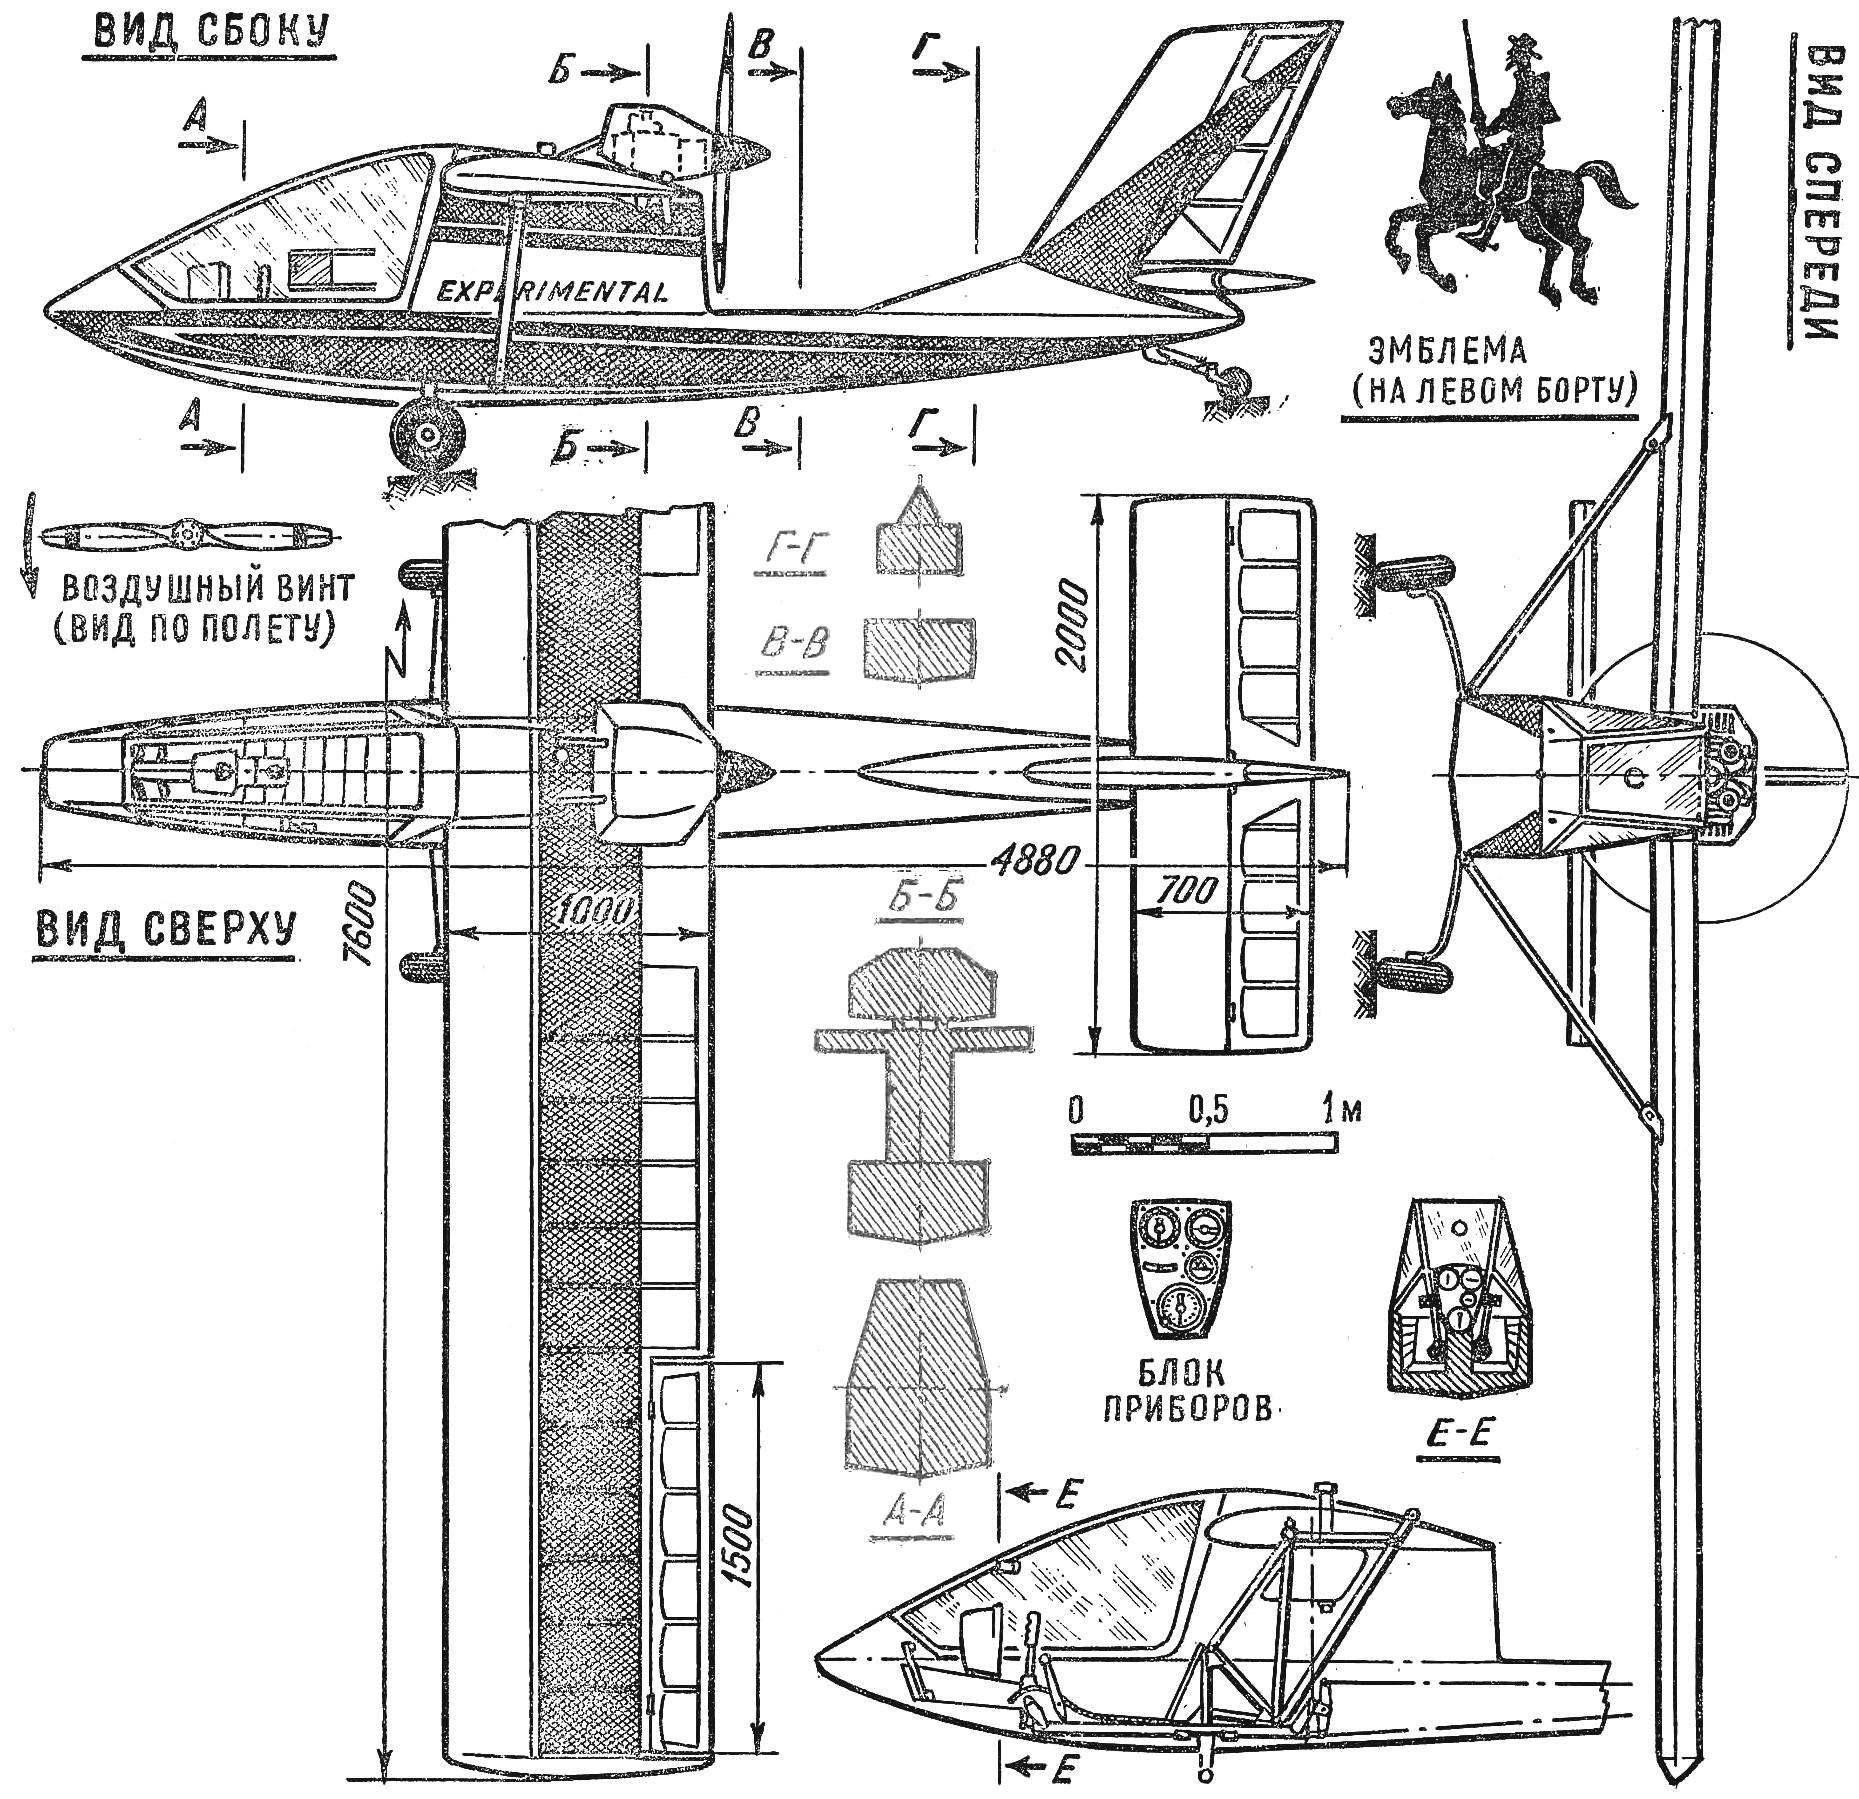 Fig. 5. Scheme microplane